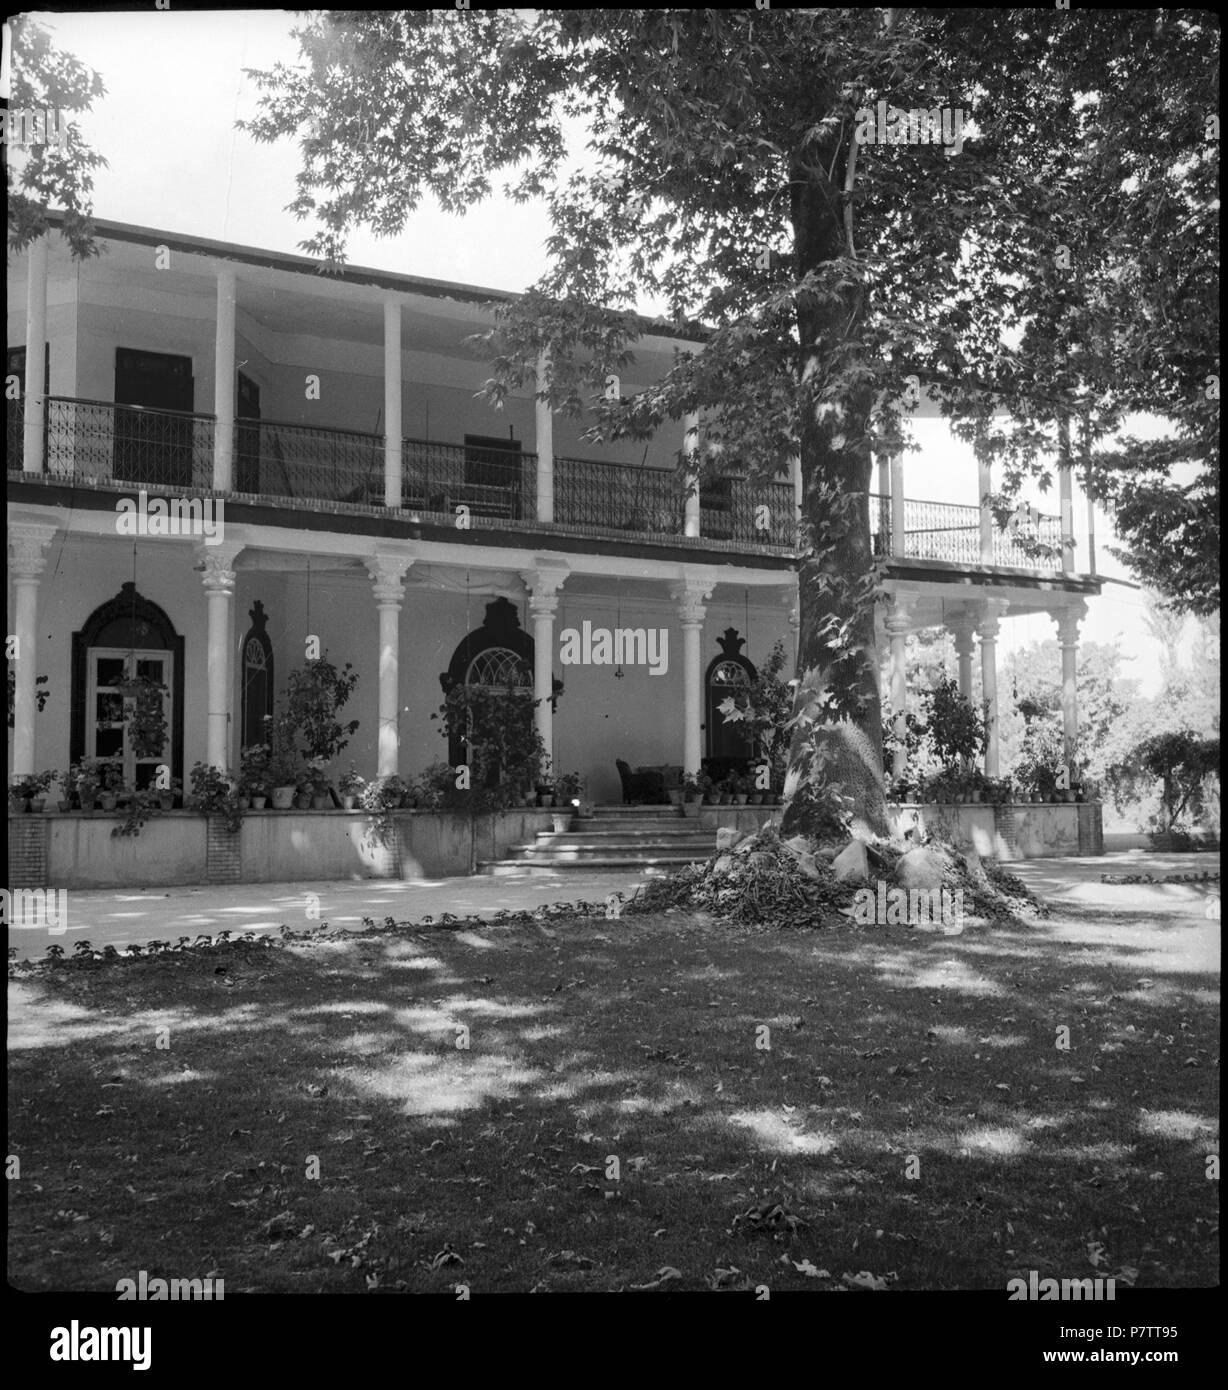 Iran, Meshed (Mashhad): Britisches Konsulat; Zweistöckiges Haus mit Säulen. from 1939 until 1940 73 CH-NB - Iran, Meshed (Mashhad)- Britisches Konsulat - Annemarie Schwarzenbach - SLA-Schwarzenbach-A-5-19-111 Stock Photo